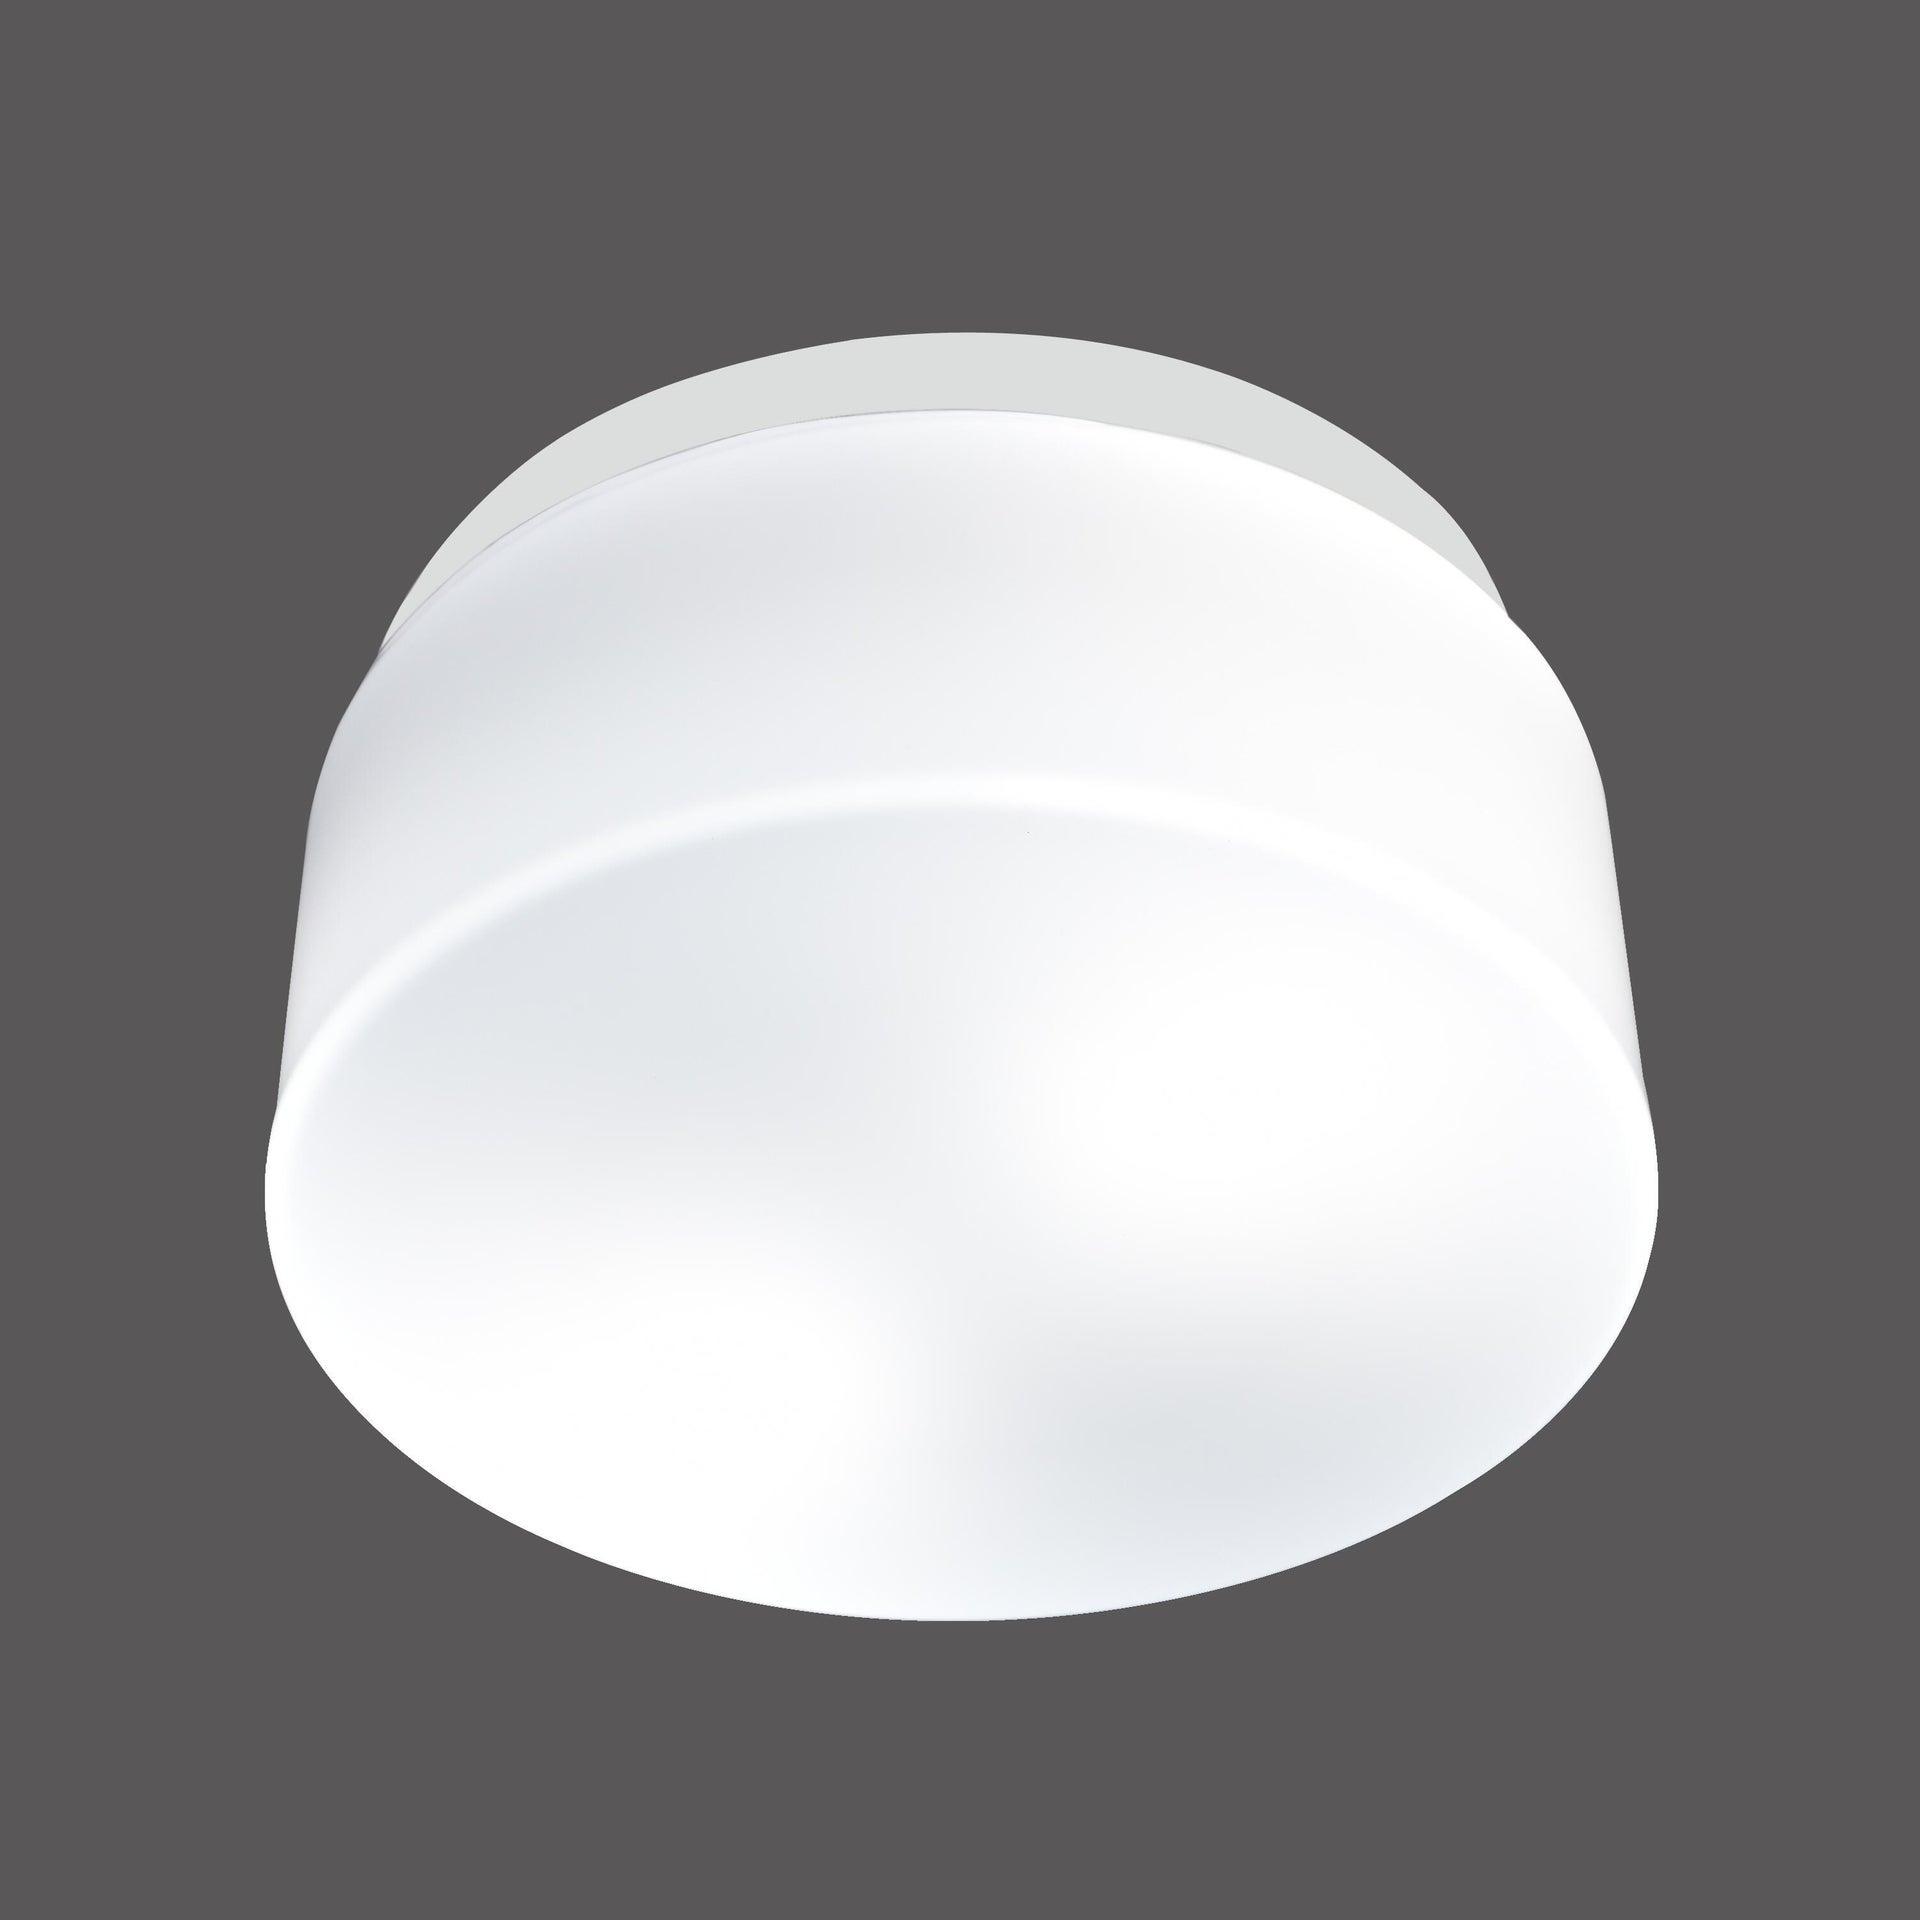 Plafoniera Plafoniera bianco D. 25 cm 25x25 cm, - 9